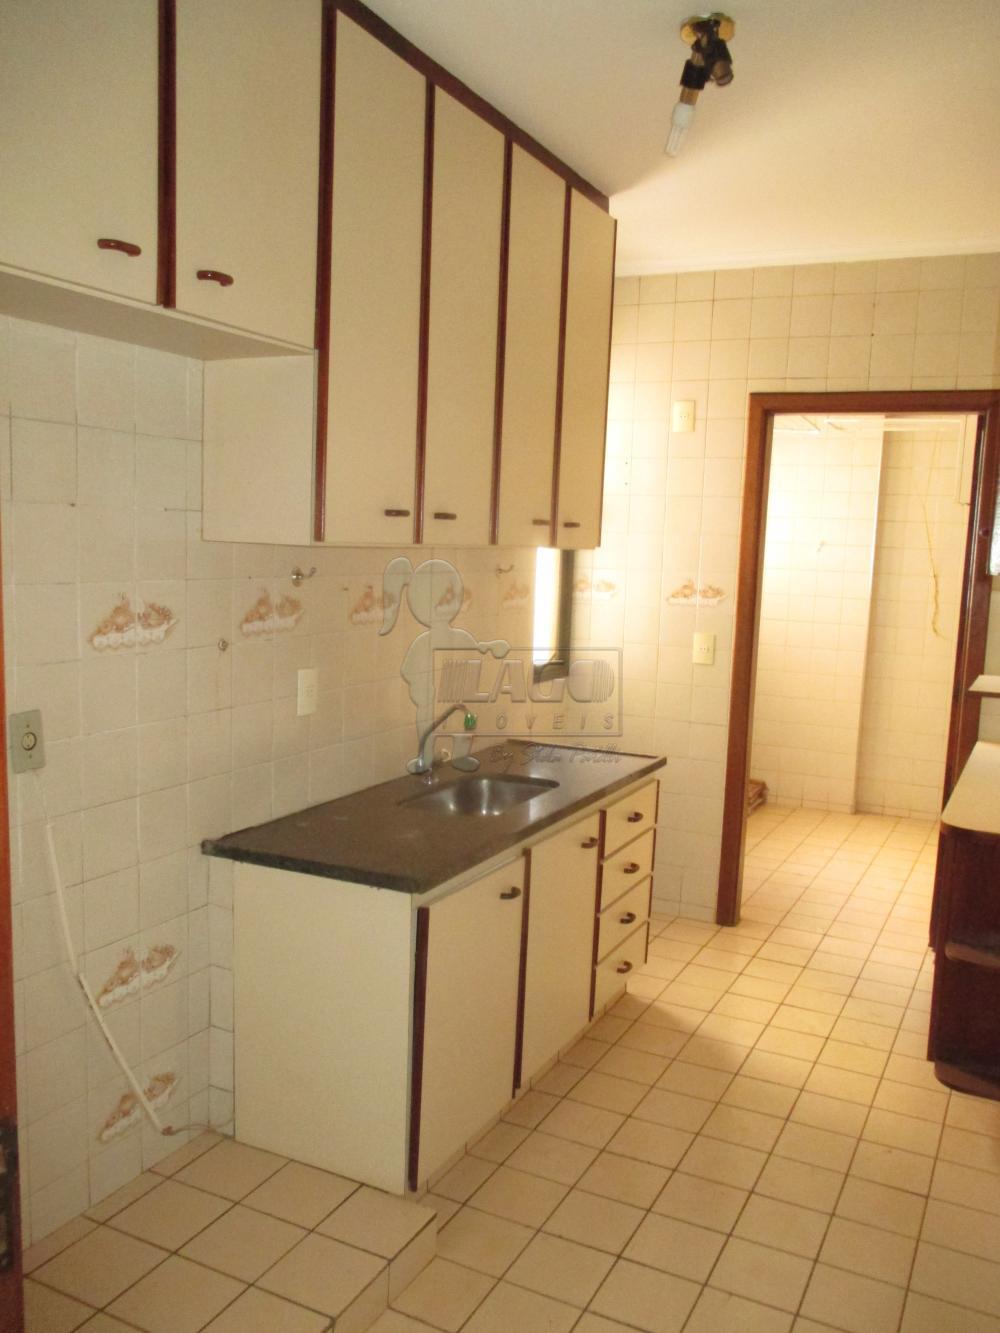 Comprar Apartamento / Padrão em Ribeirão Preto apenas R$ 371.000,00 - Foto 3